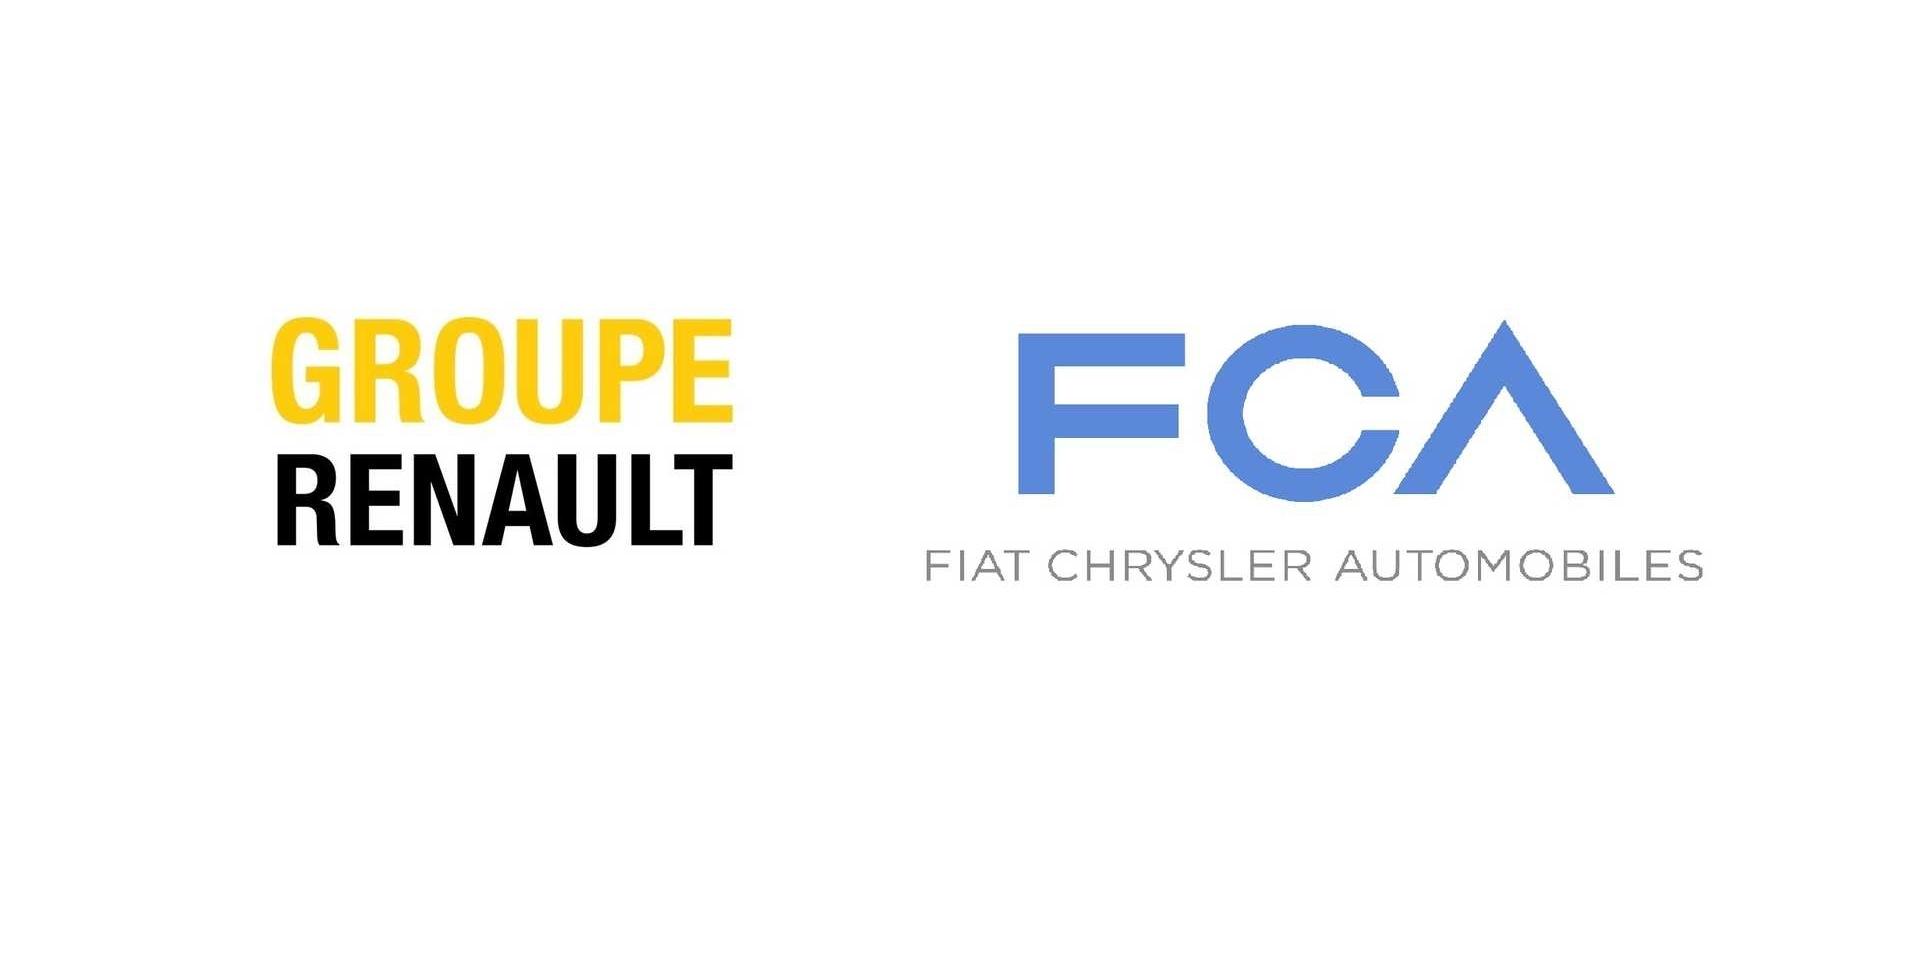 第三大汽車集團異動,FCA集團將與Renault合併?